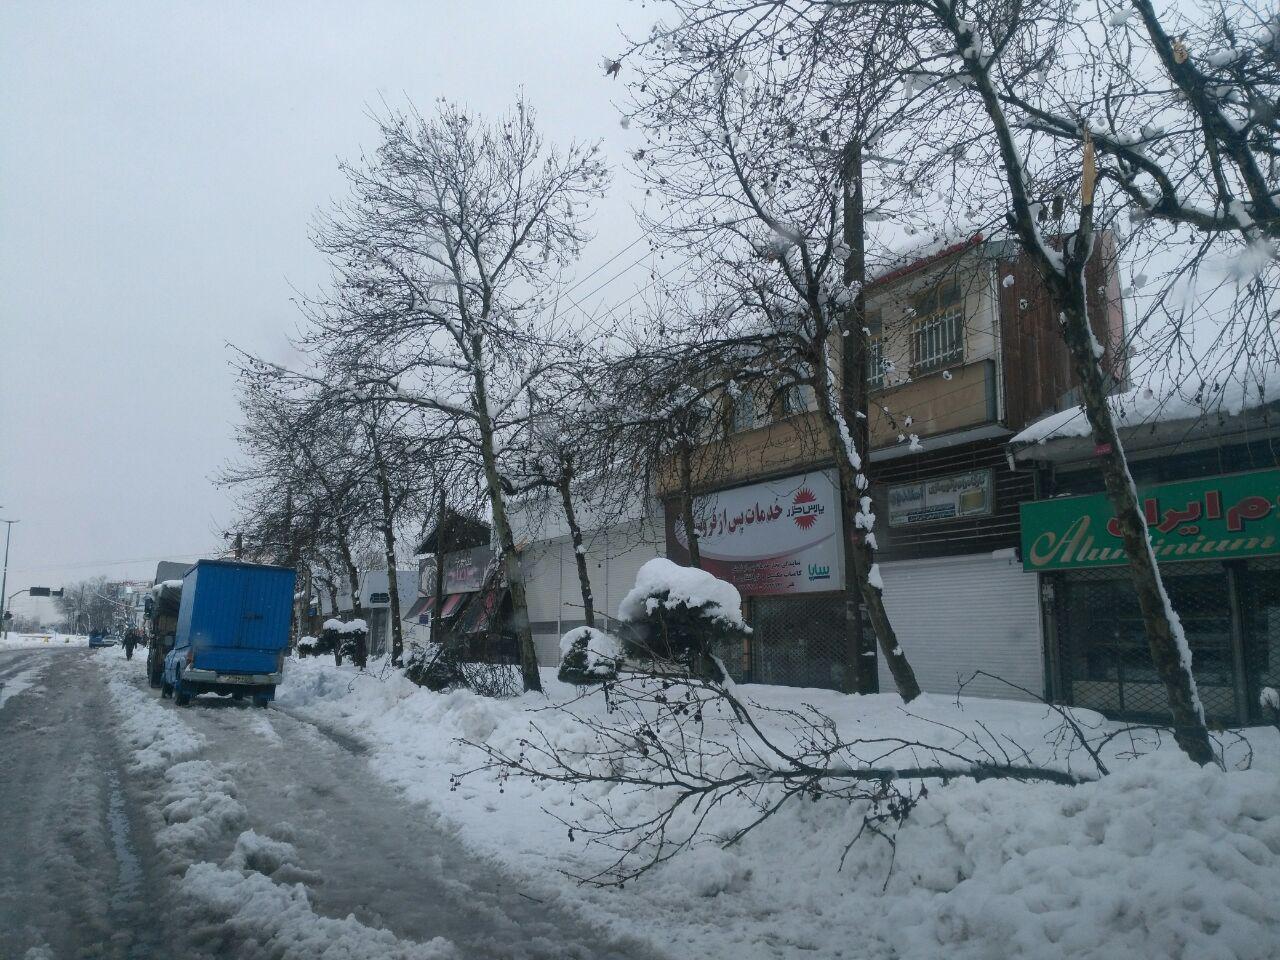 اختصاصی/تصاویر آسیب رسیدن به برخی اموال عمومی رشت پس از بارش برف